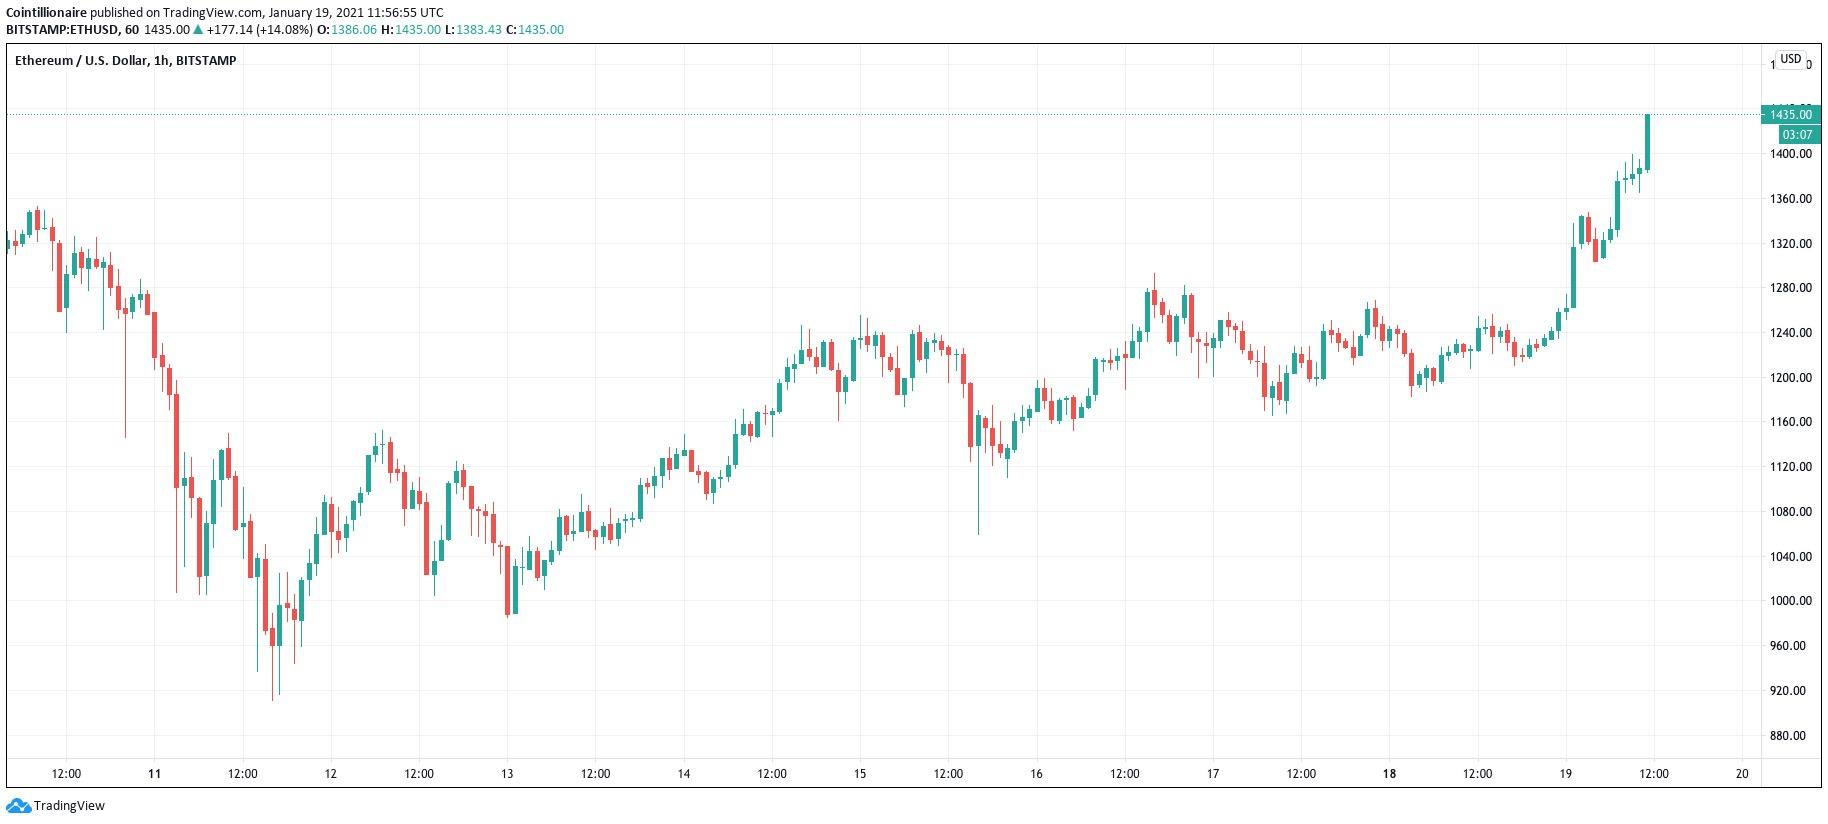 نمودار یک ساعته اتر / دلار